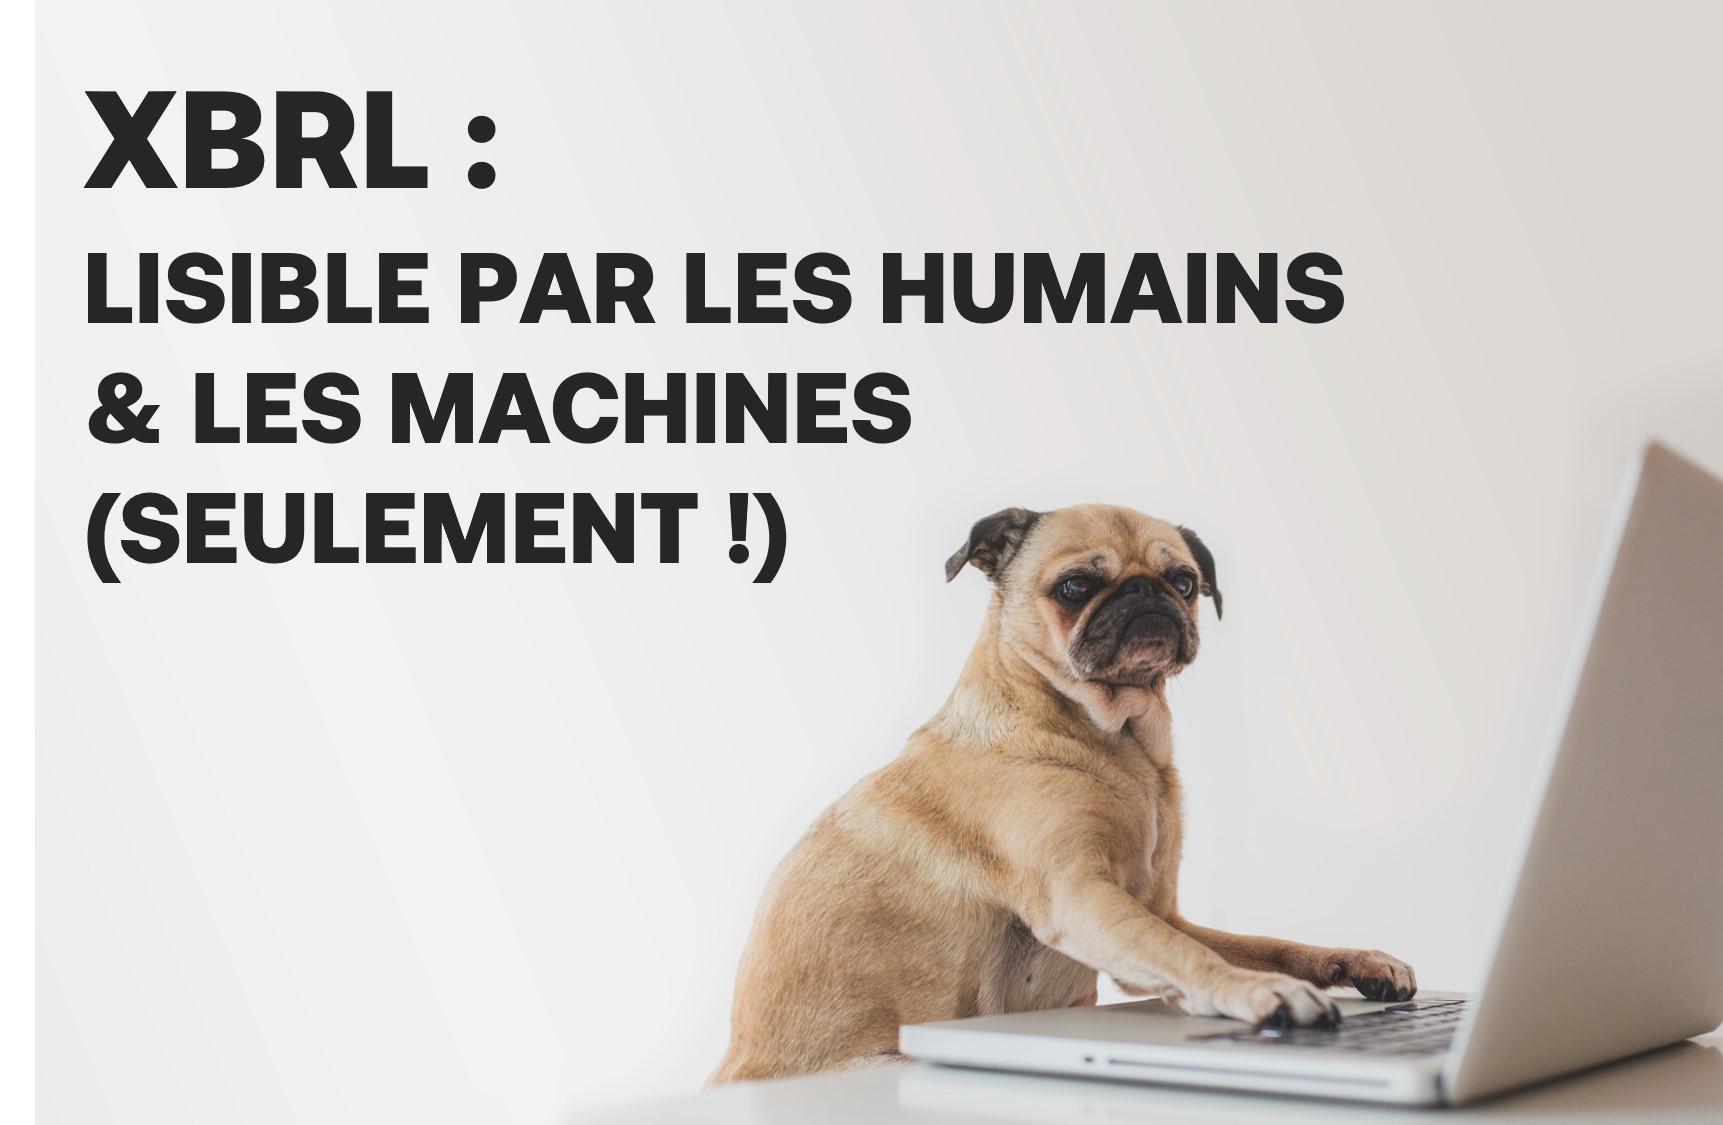 XBRL : LISIBLE PAR LES HUMAINS ET LES MACHINES